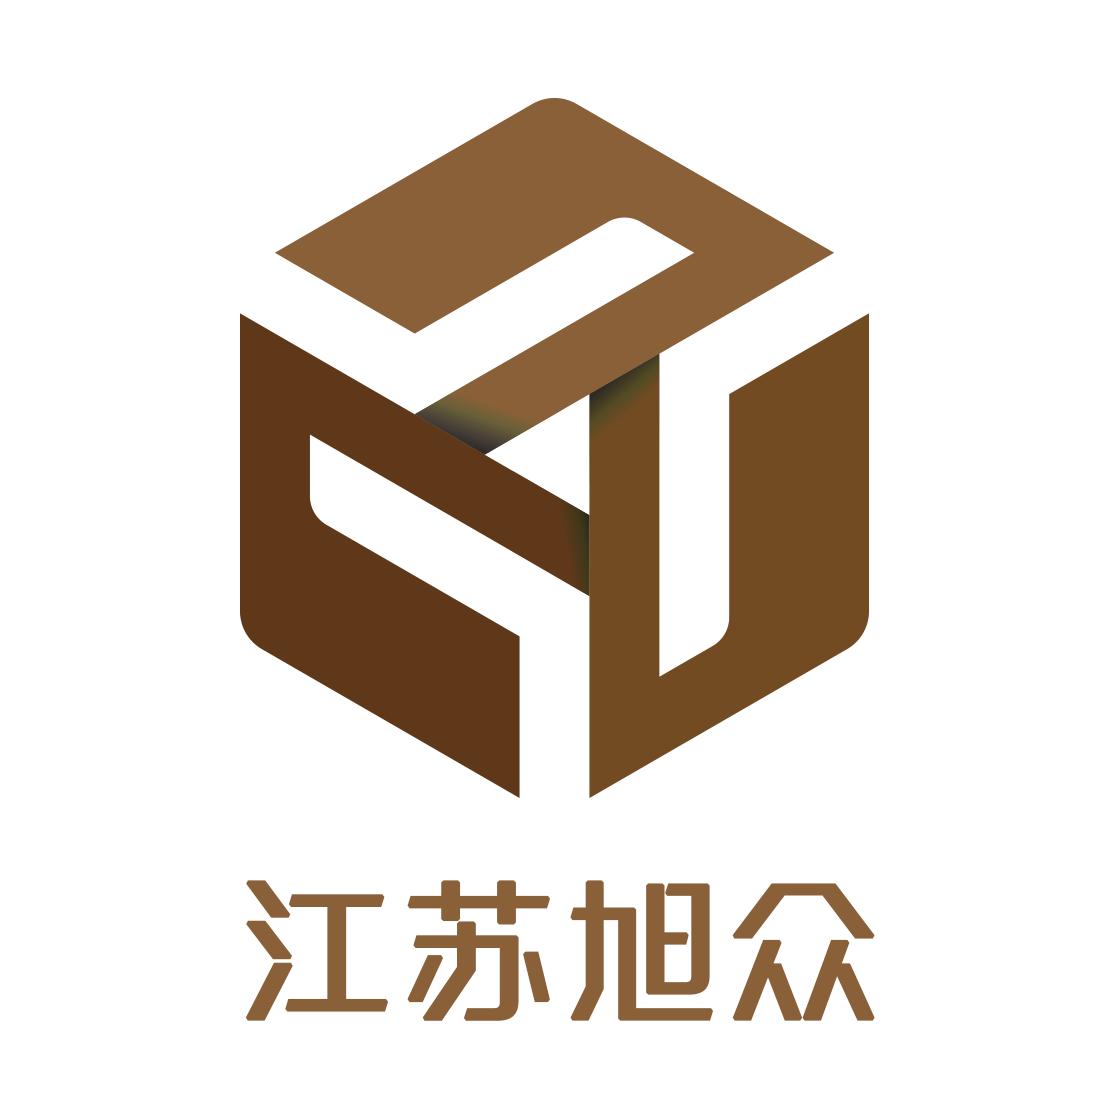 江苏旭众企业管理服务有限公司;